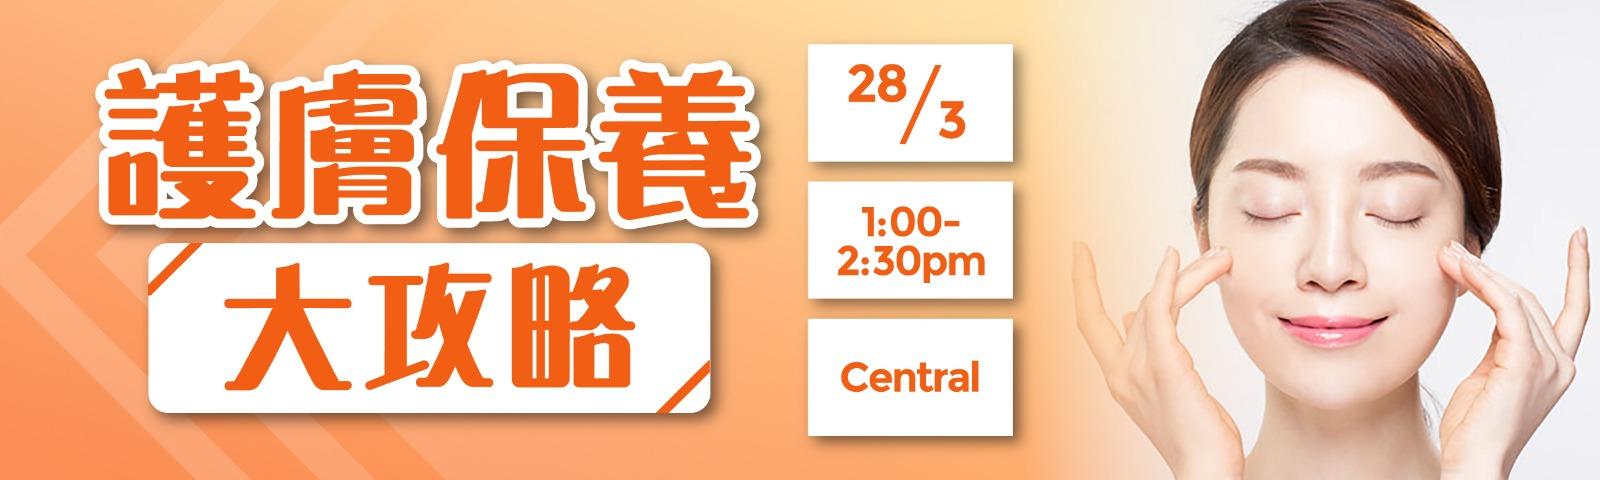 (完滿舉行)護膚保養大攻略 - 2020年3月28日(星期六) 香港交友約會業總會 Hong Kong Speed Dating Federation - Speed Dating , 一對一約會, 單對單約會, 約會行業, 約會配對